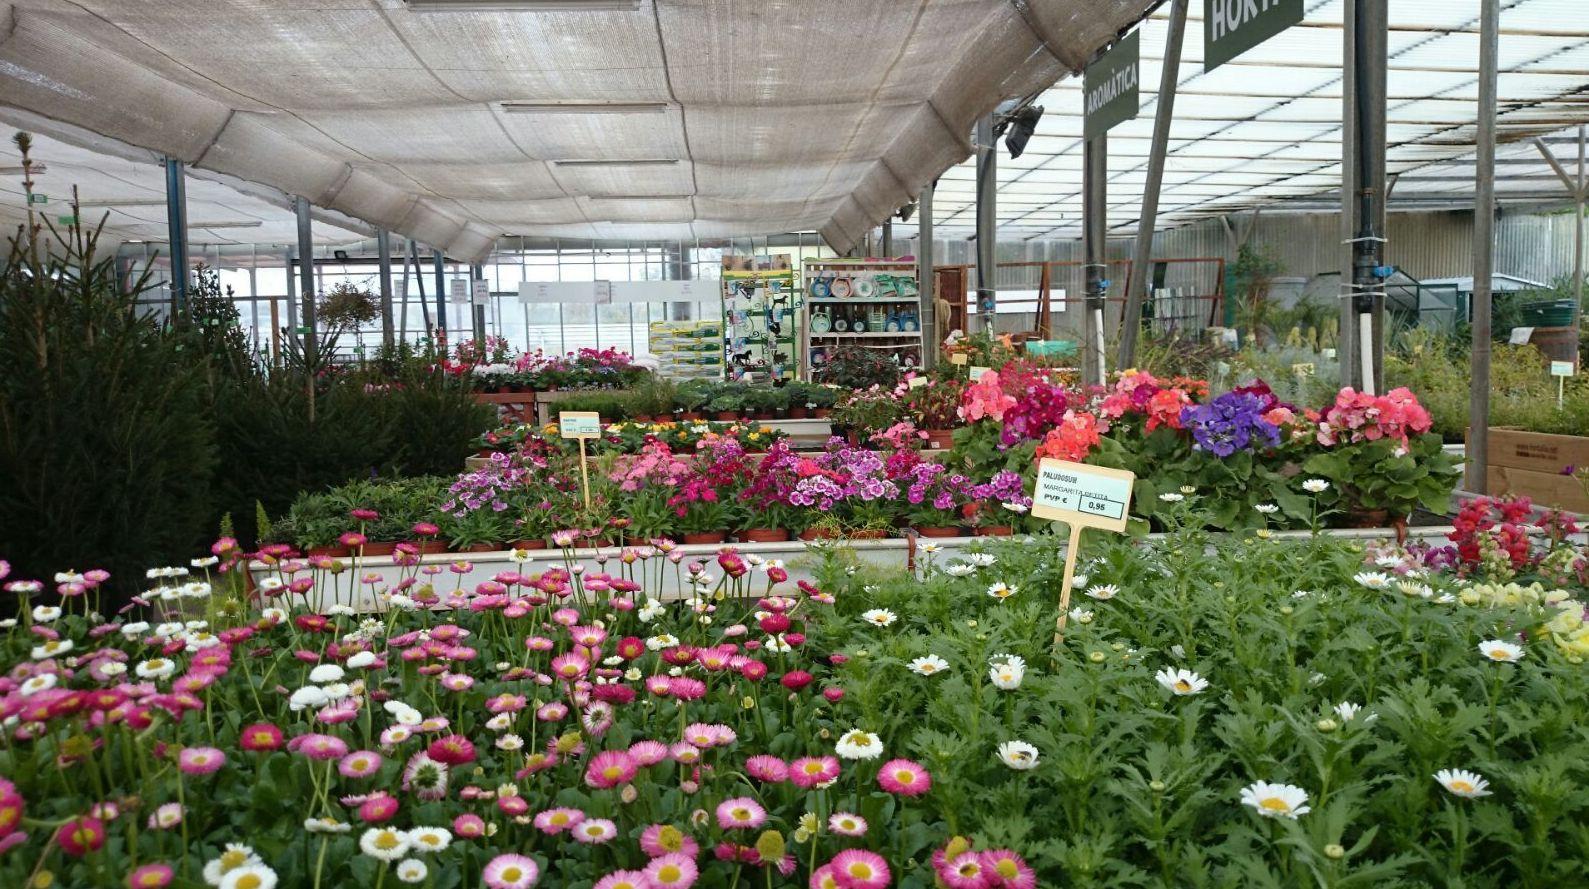 Foto 13 de Excelente surtido en productos para todo tipo de jardines en Castelló d'Empúries | Mercajardí